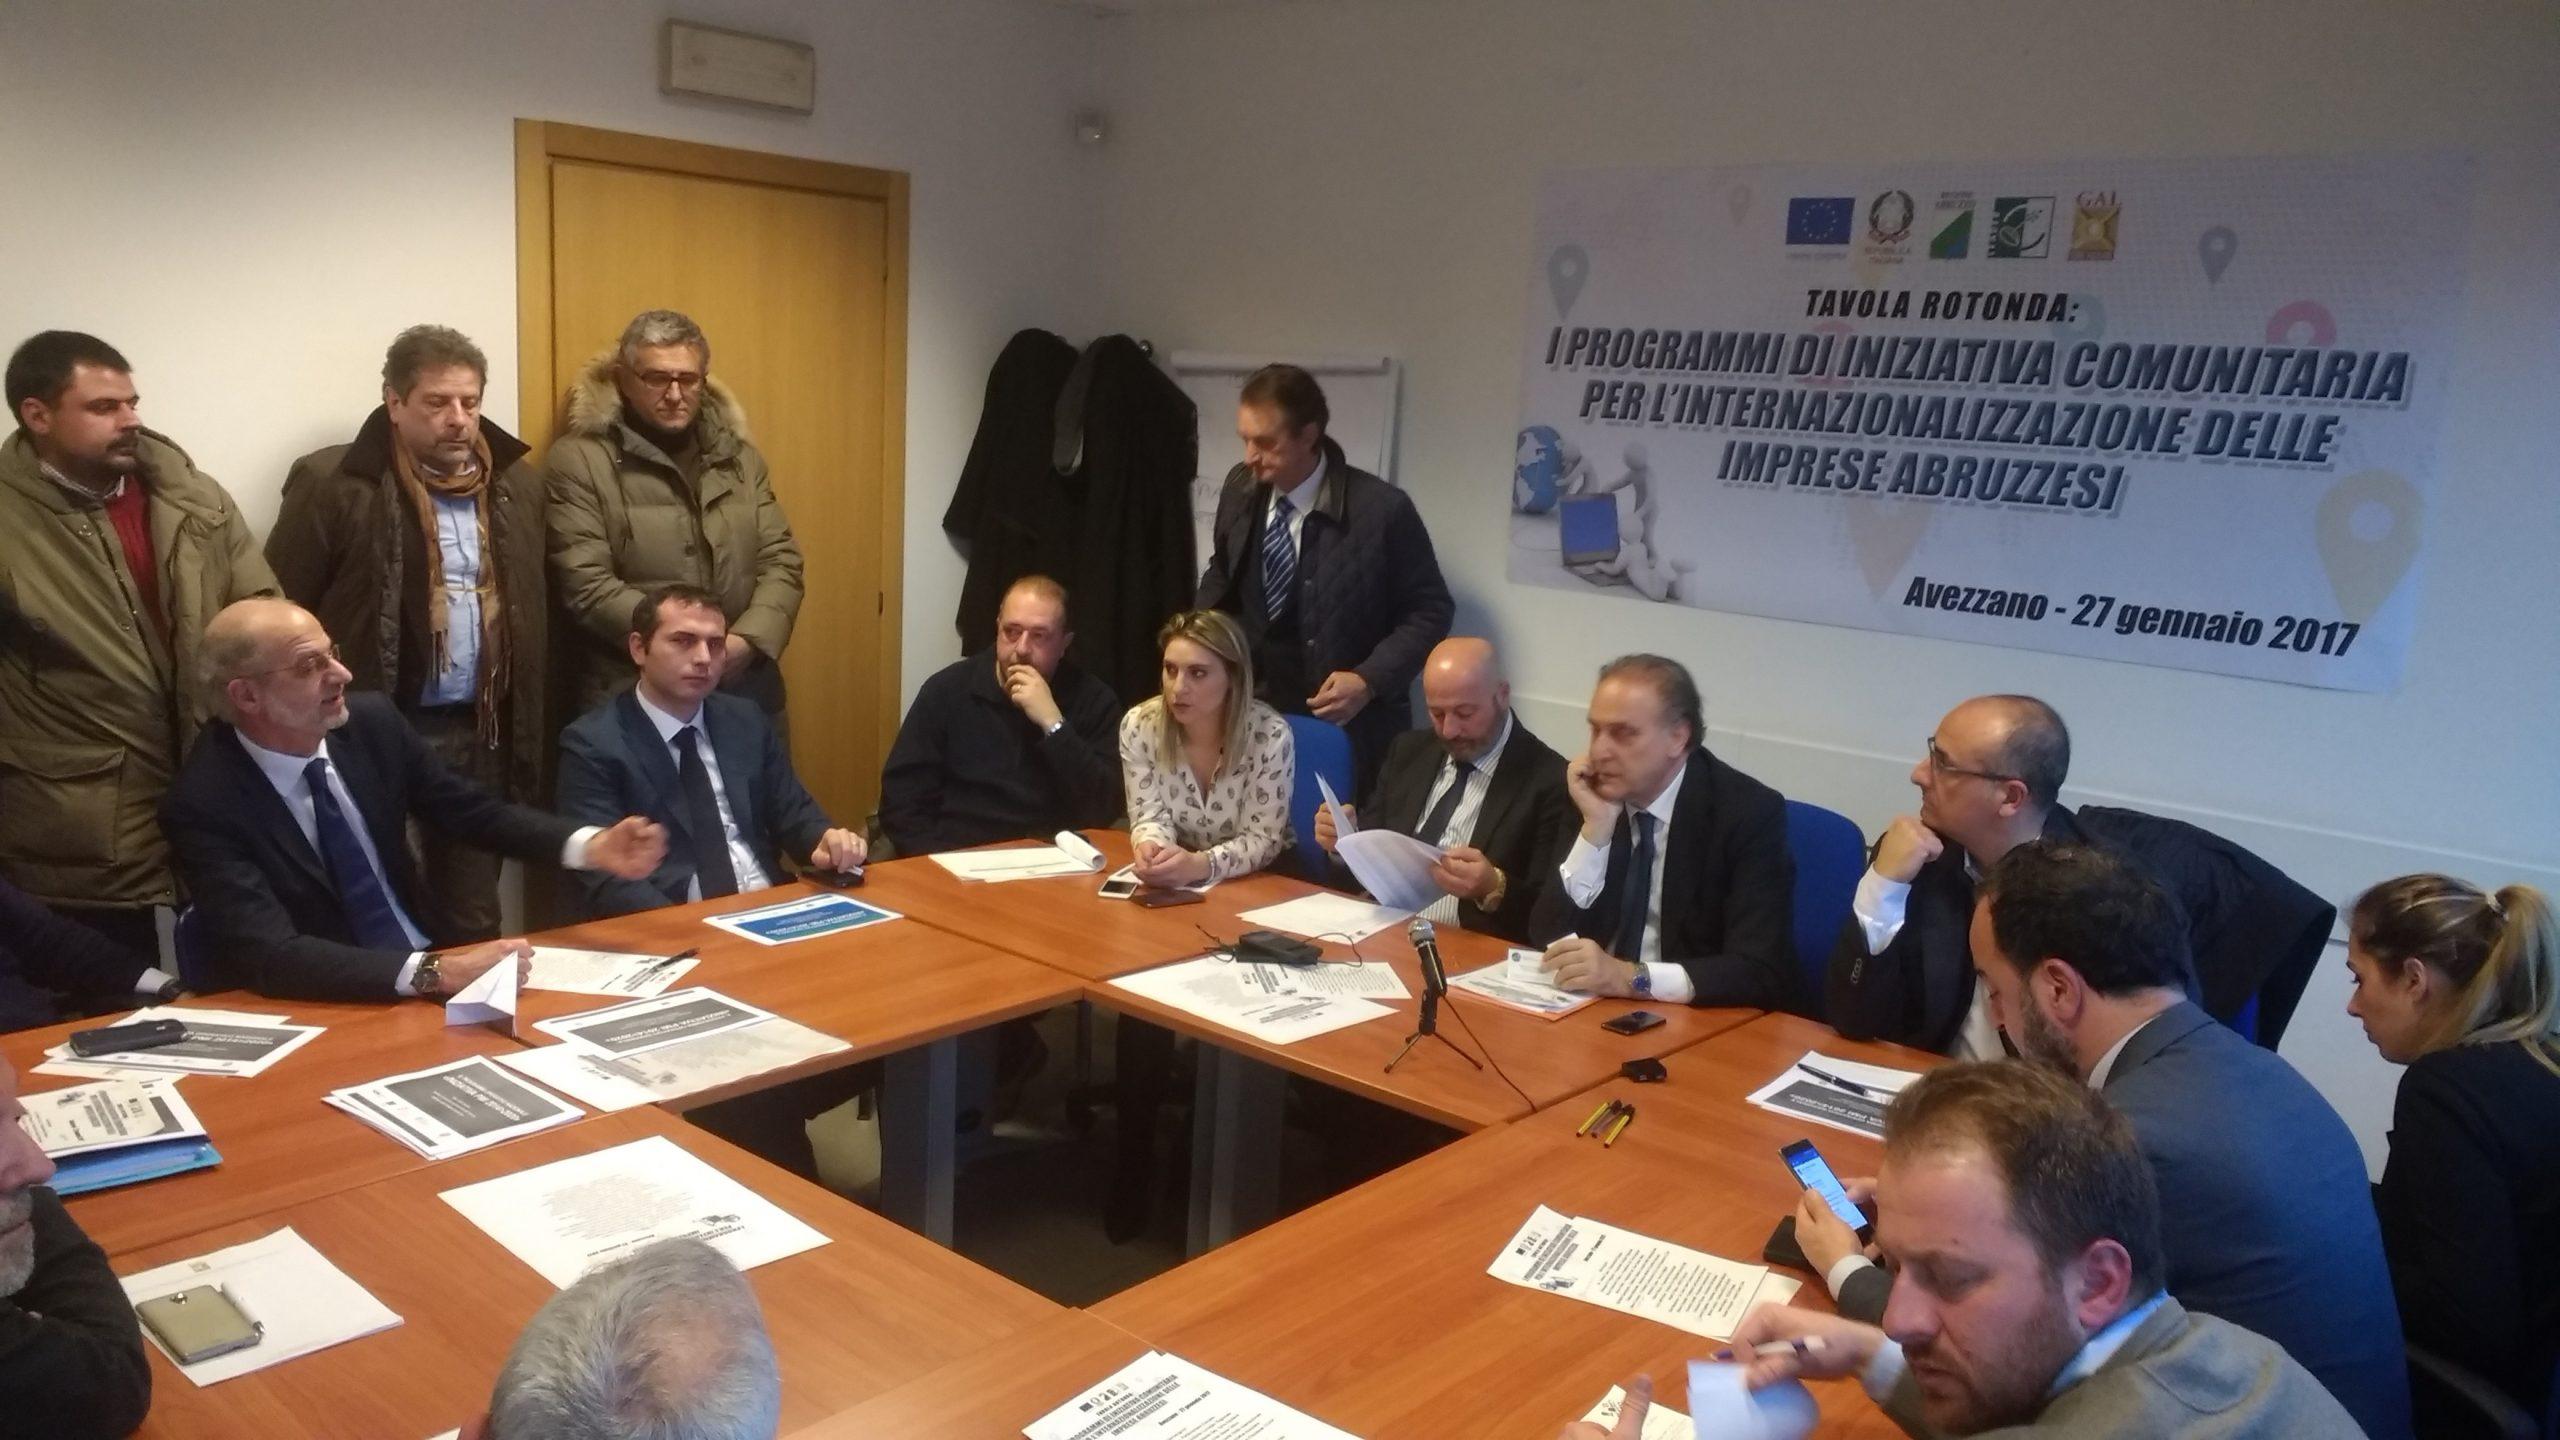 """Internazionalizzazione delle imprese, Cesa: """"Stop a una miriade di iniziative, unite le forze!"""""""